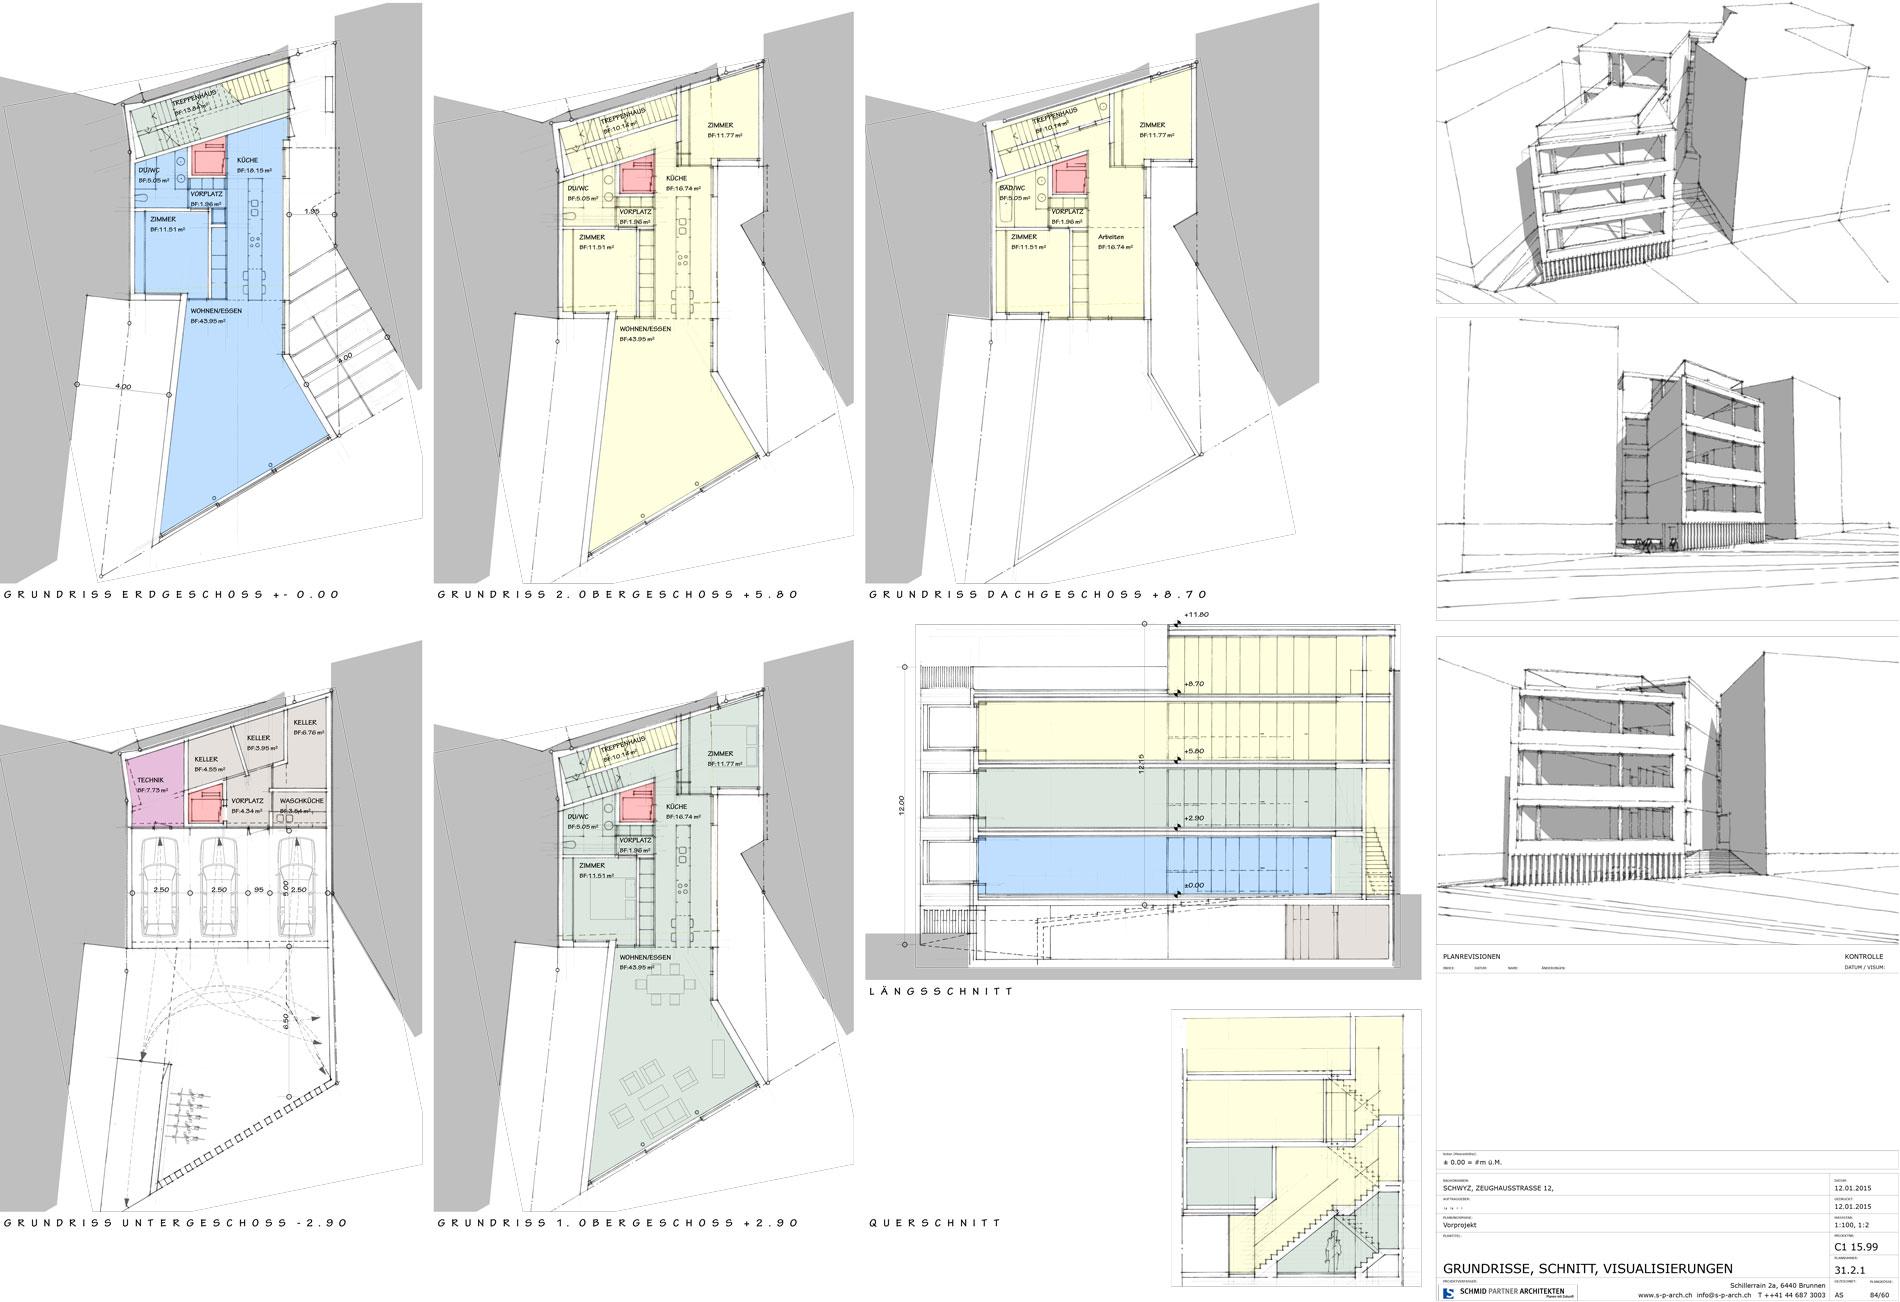 Schmid Partner Architekten Neubau C11599 31.2.1 GRUNDRISSE, SCHNITT, VISUALISIERUNGEN